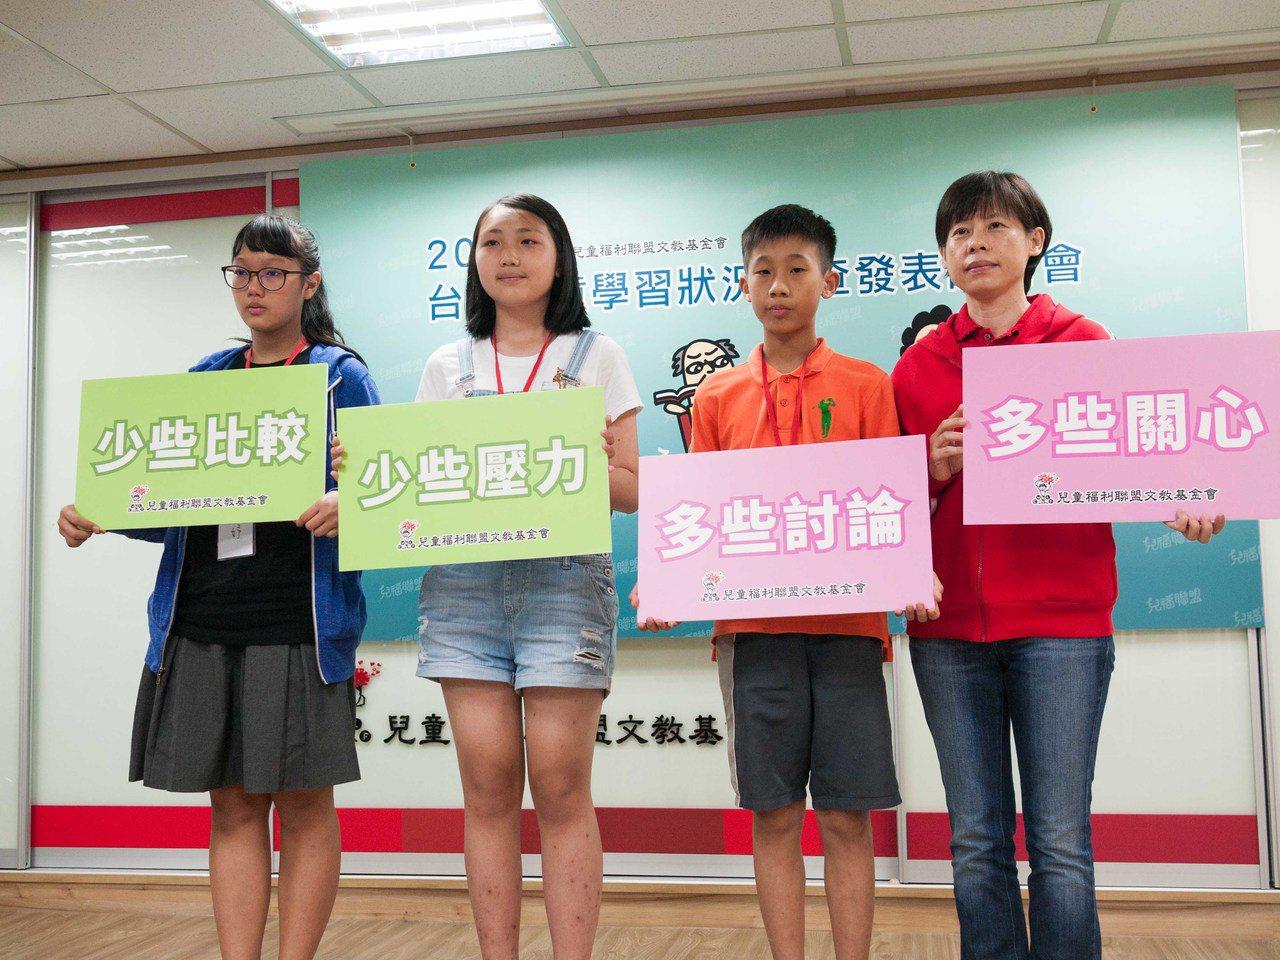 兒盟公布調查顯示學生普遍認為12年國教並未減輕壓力。記者林良齊/攝影